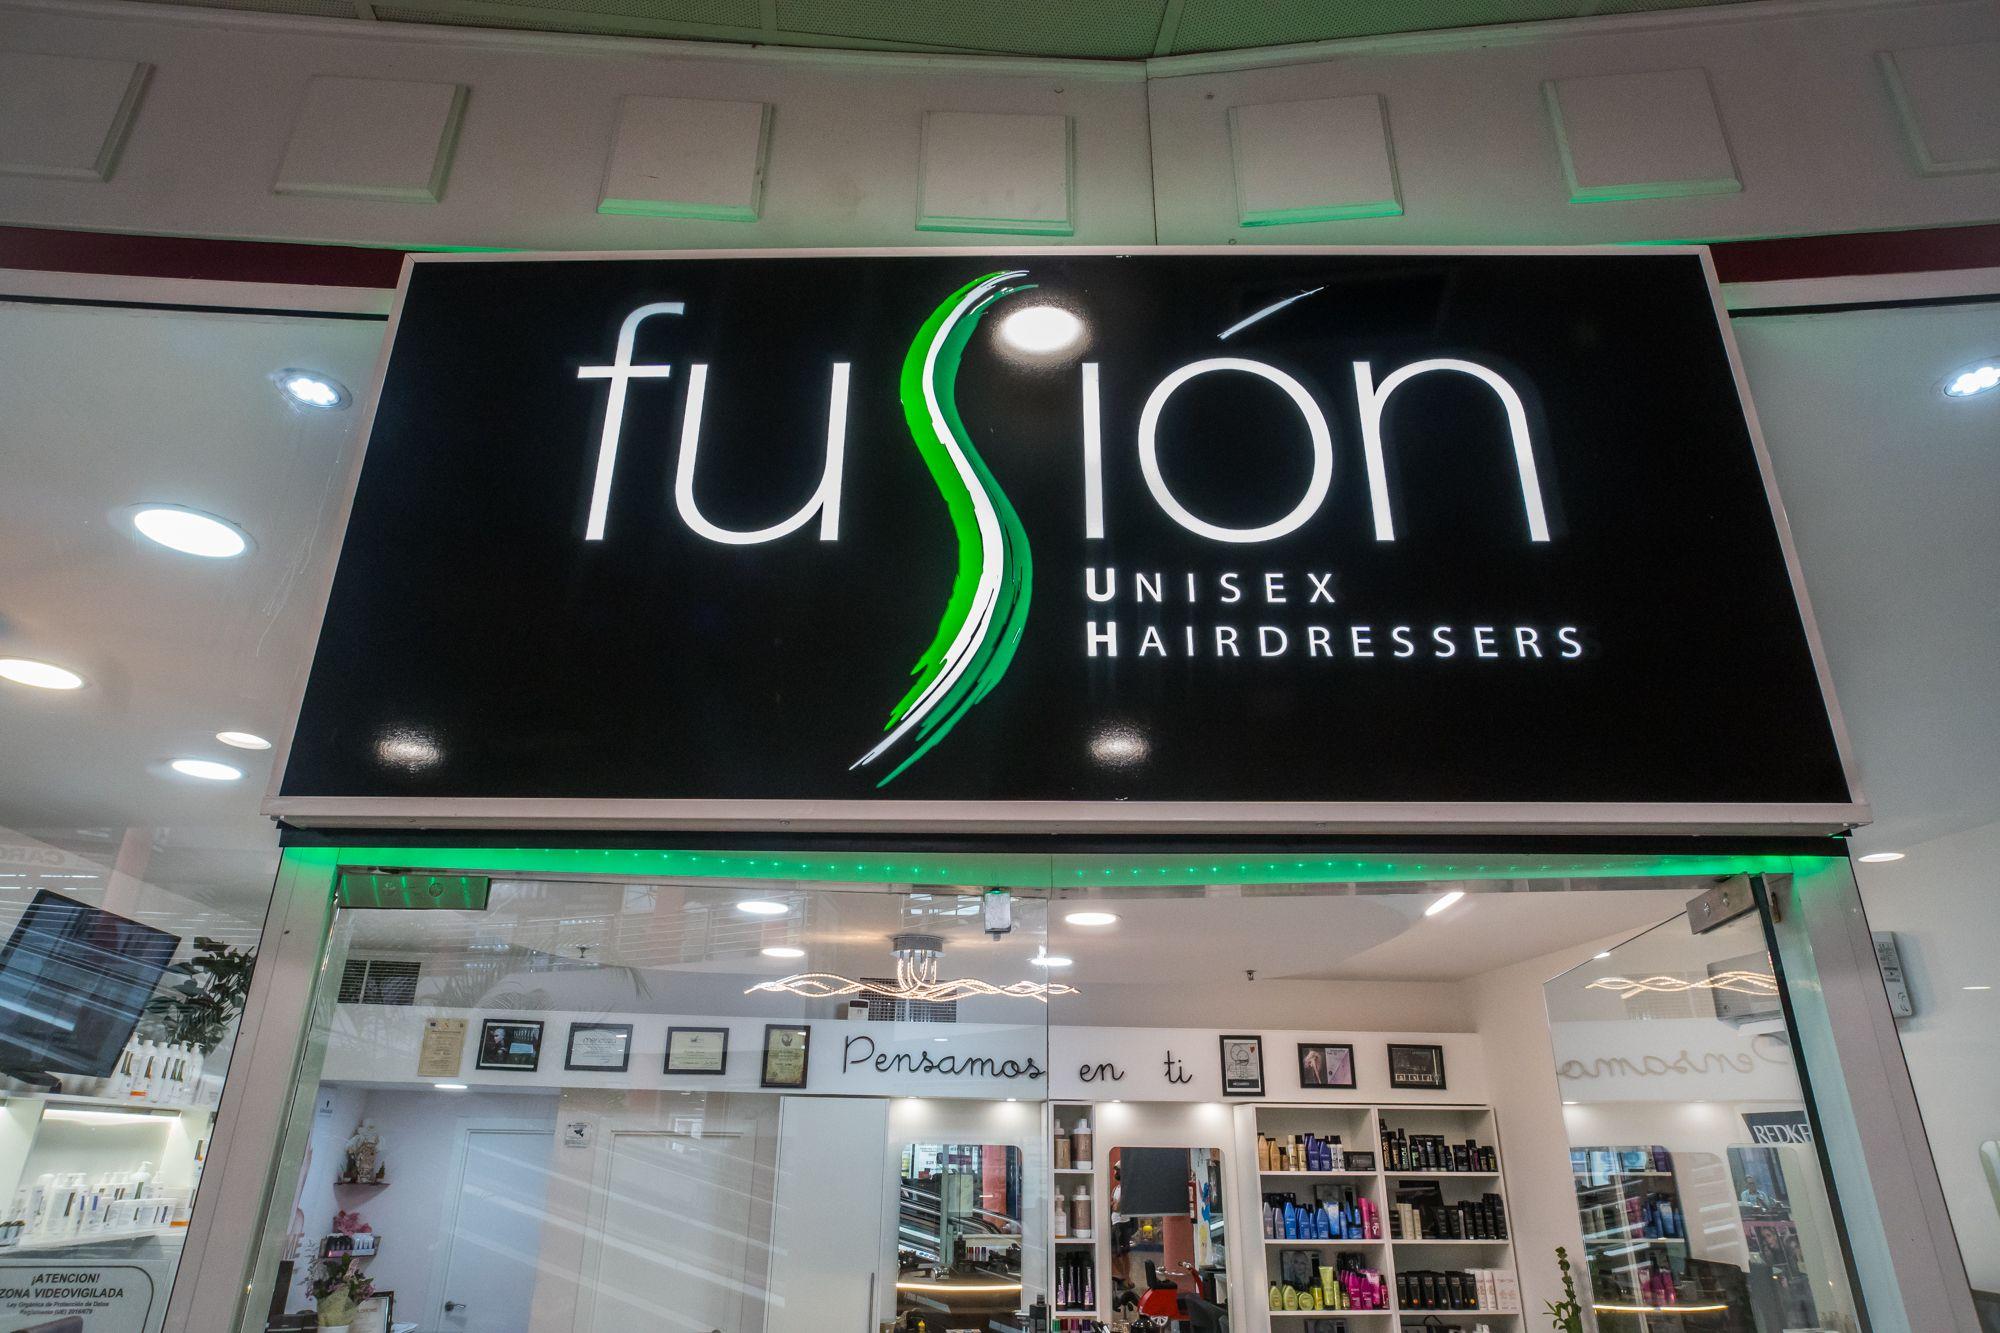 Foto 1 de Peluquería unisex con tratamientos capilares de excelente calidad en Maspalomas | Fusión Unisex Hairdressers